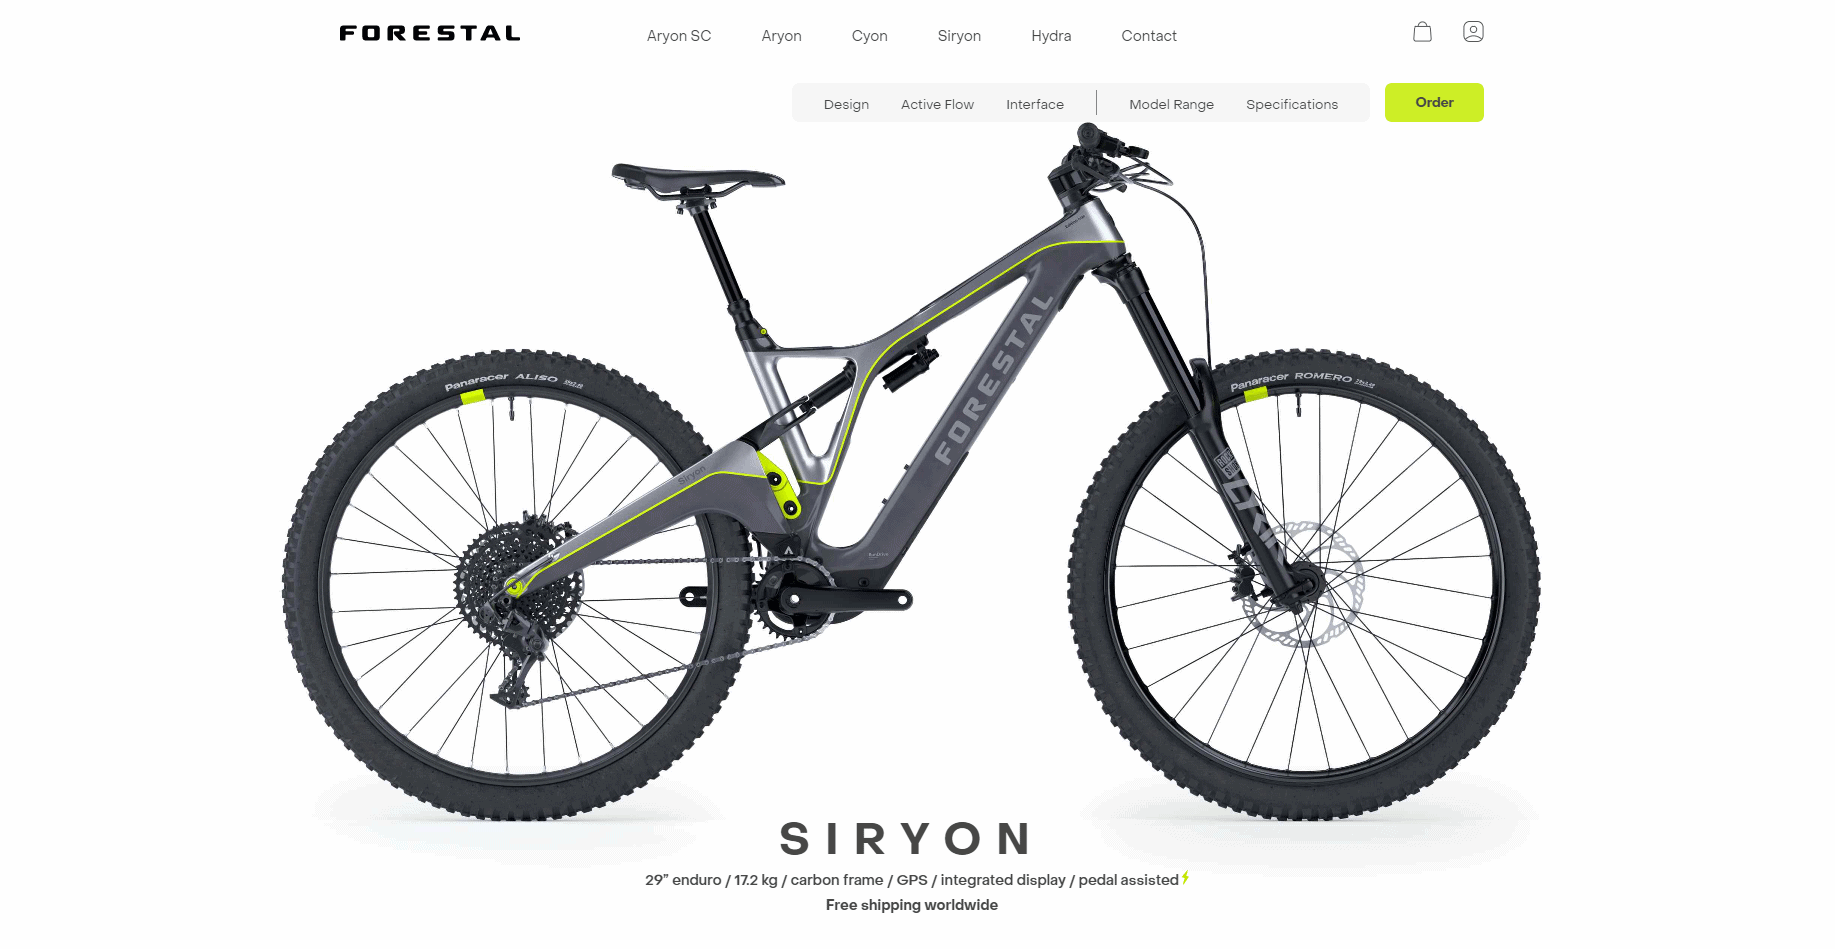 Best Agency Website for Forestal